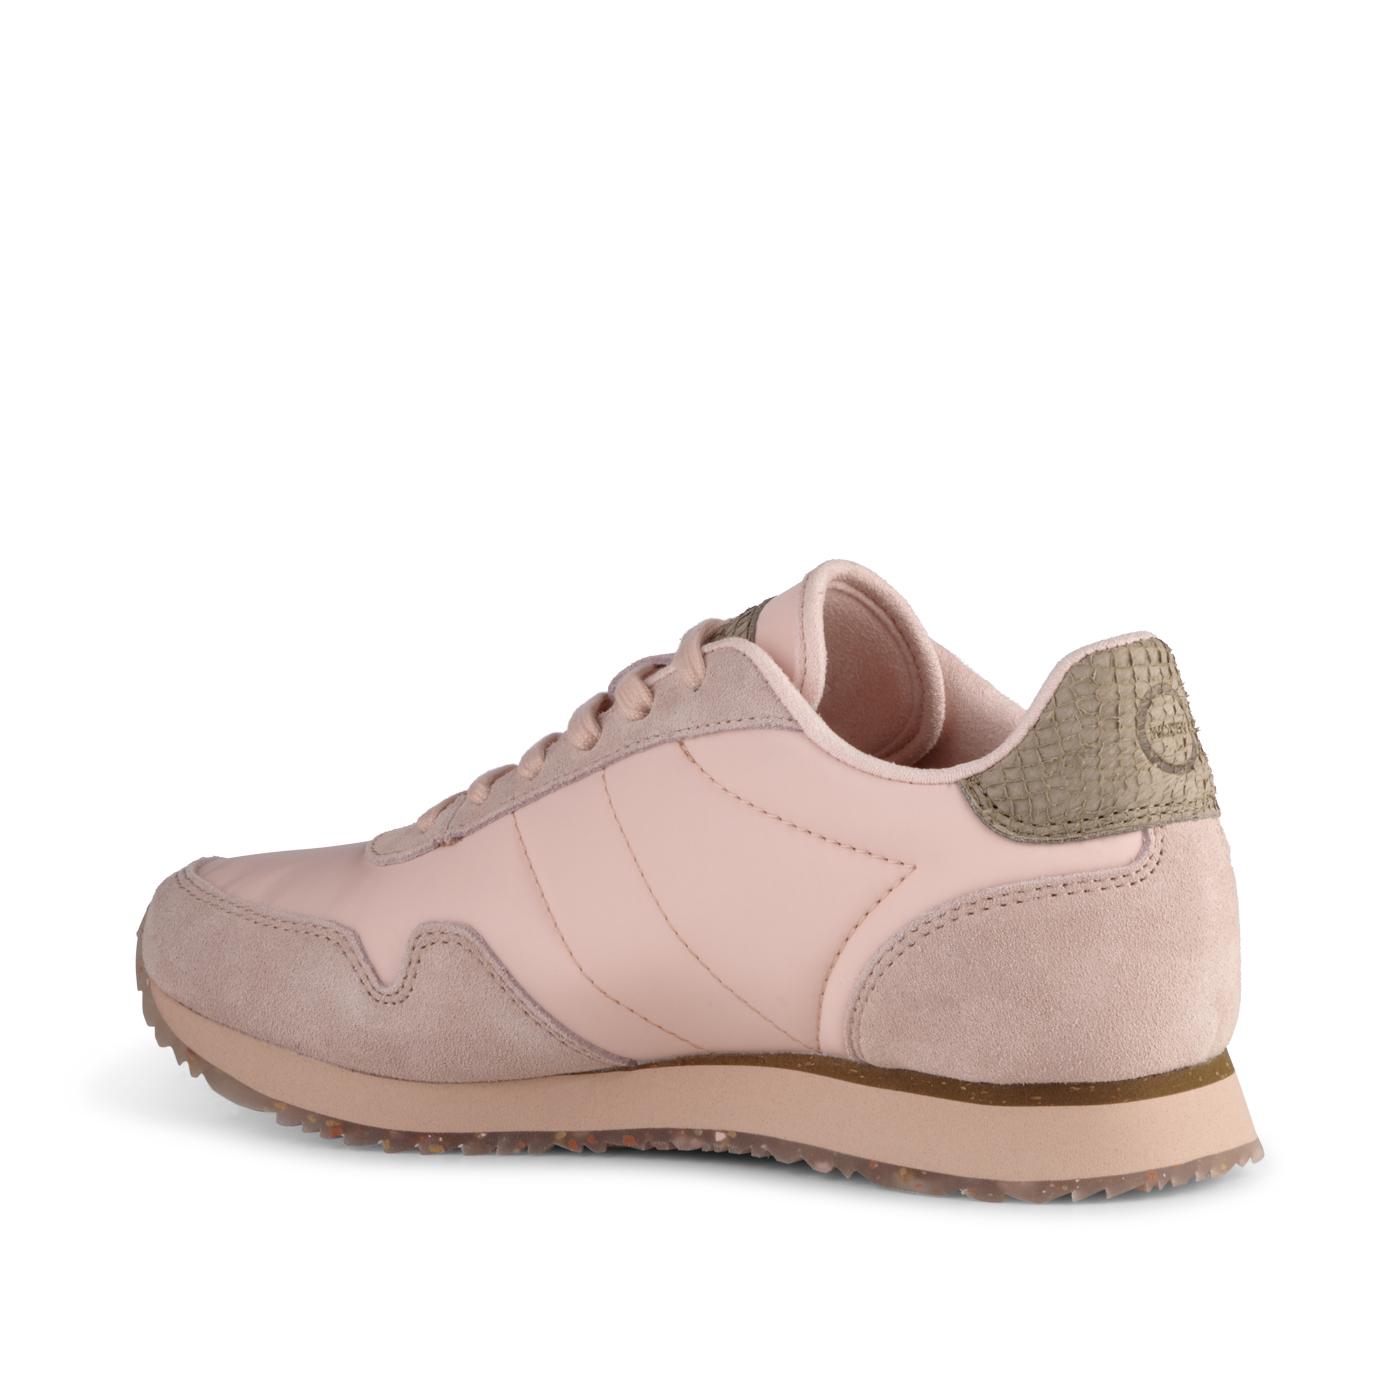 Woden WL166 sneakers, Rose Bloom, 42